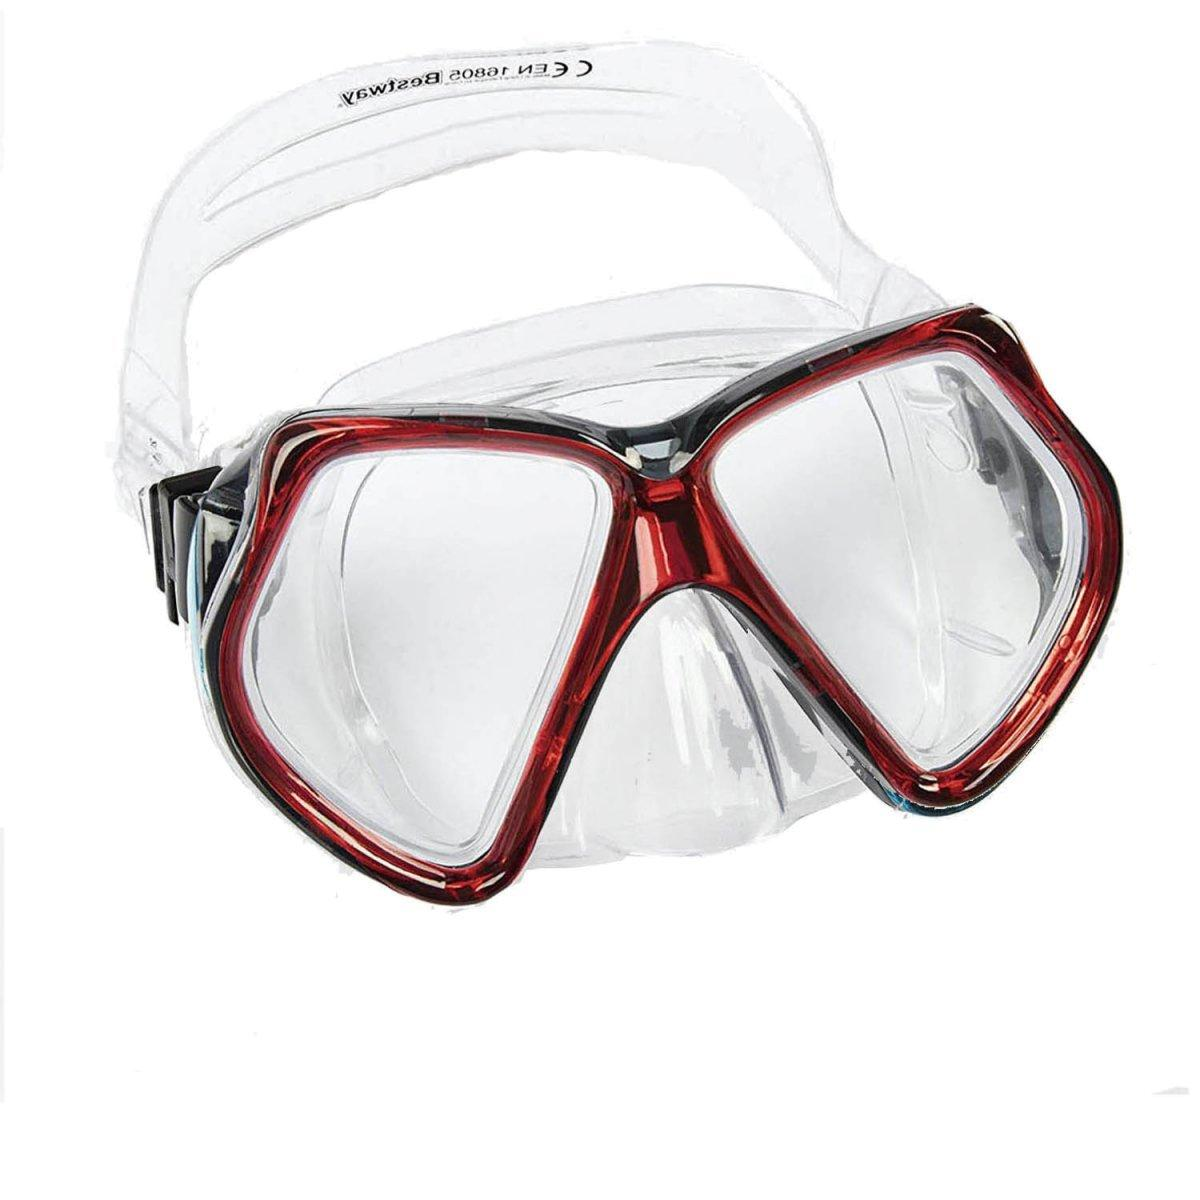 Маска для плавания Bestway 22016, размер XXL, (14+), обхват головы ≈ 59 см, красные